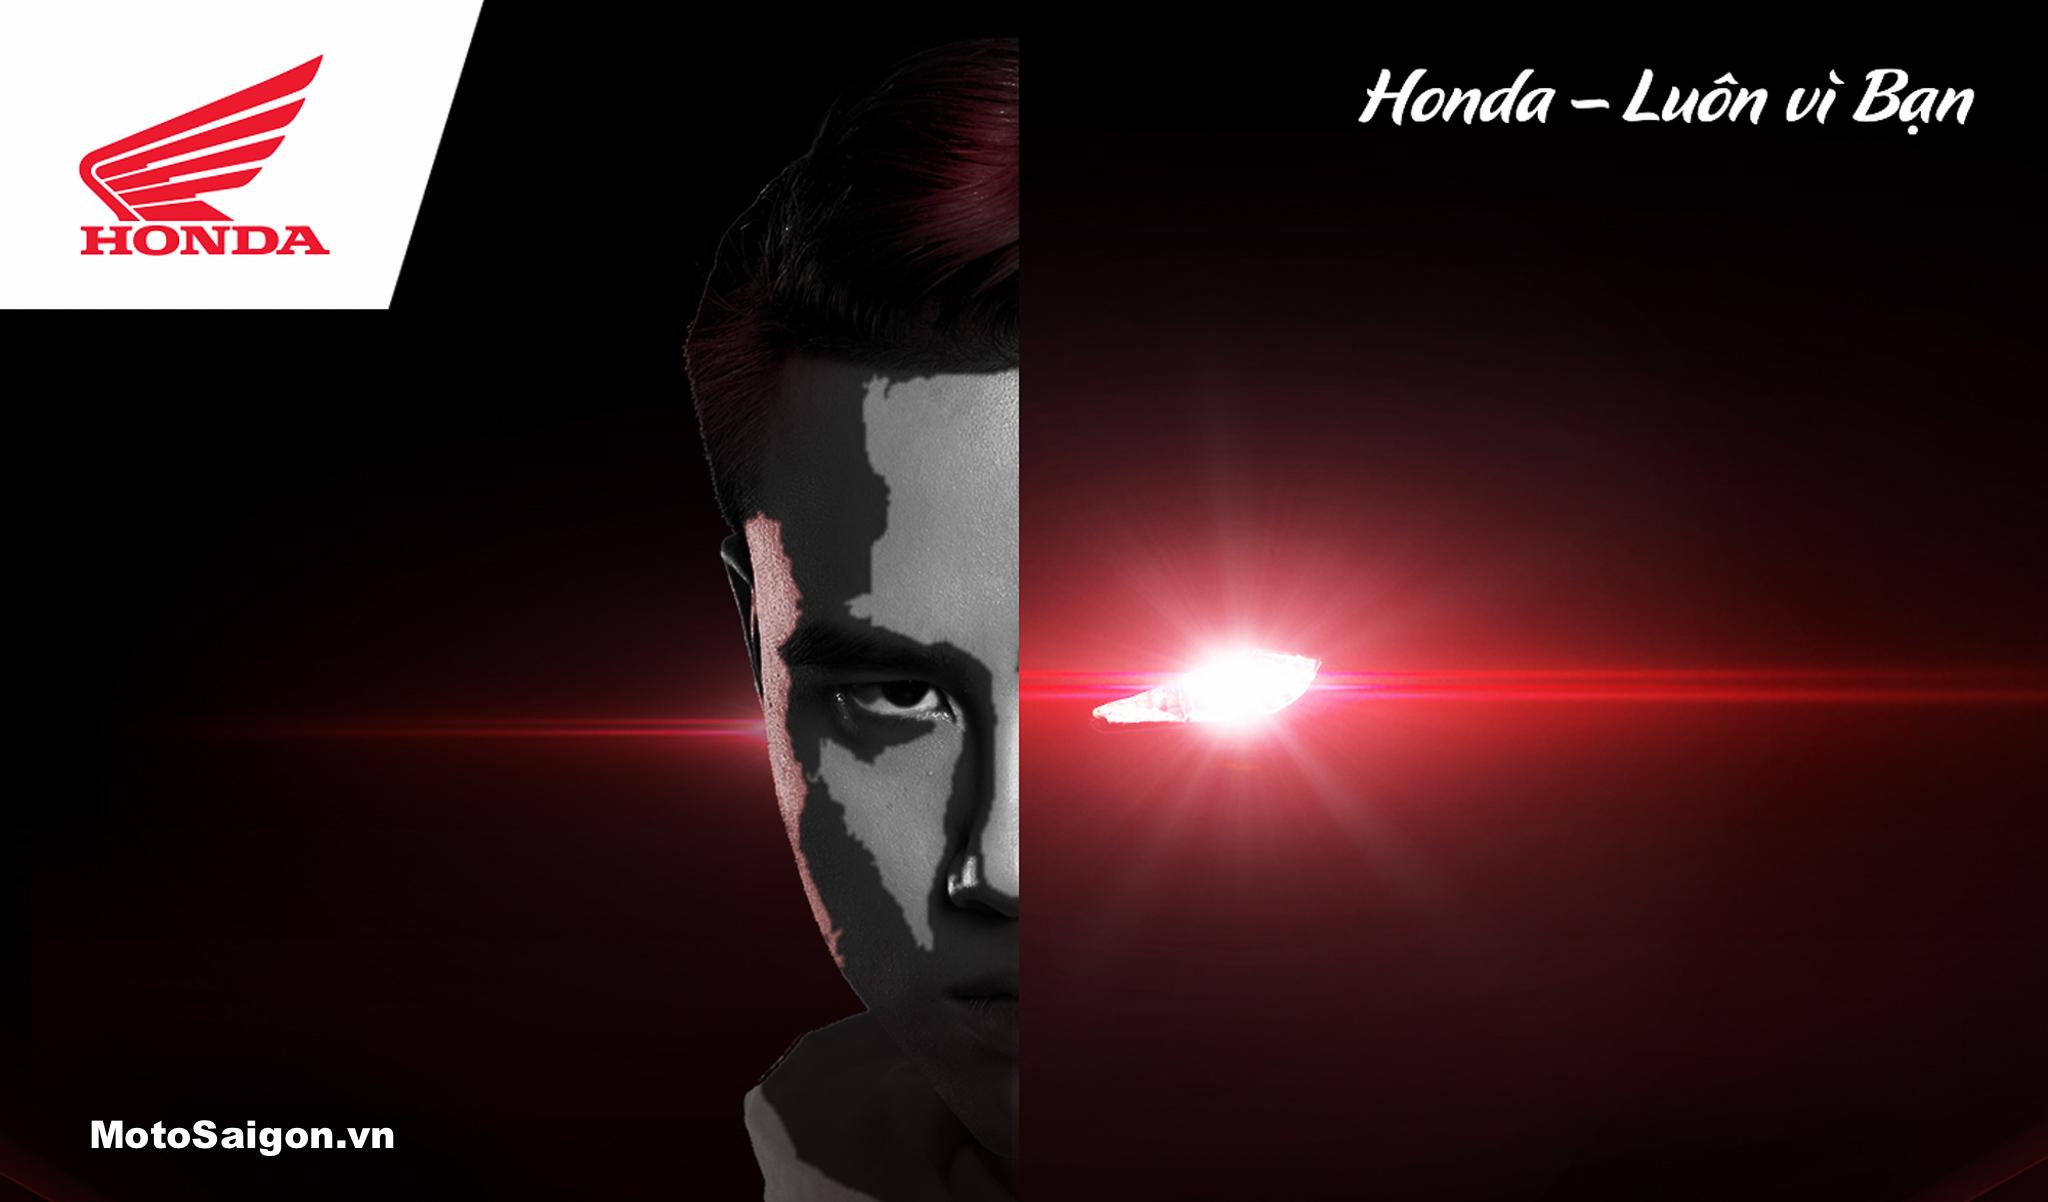 Honda CBR150R CBR250RR là mẫu xe mới sẽ được ra mắt vào ngày 29 tháng 9?